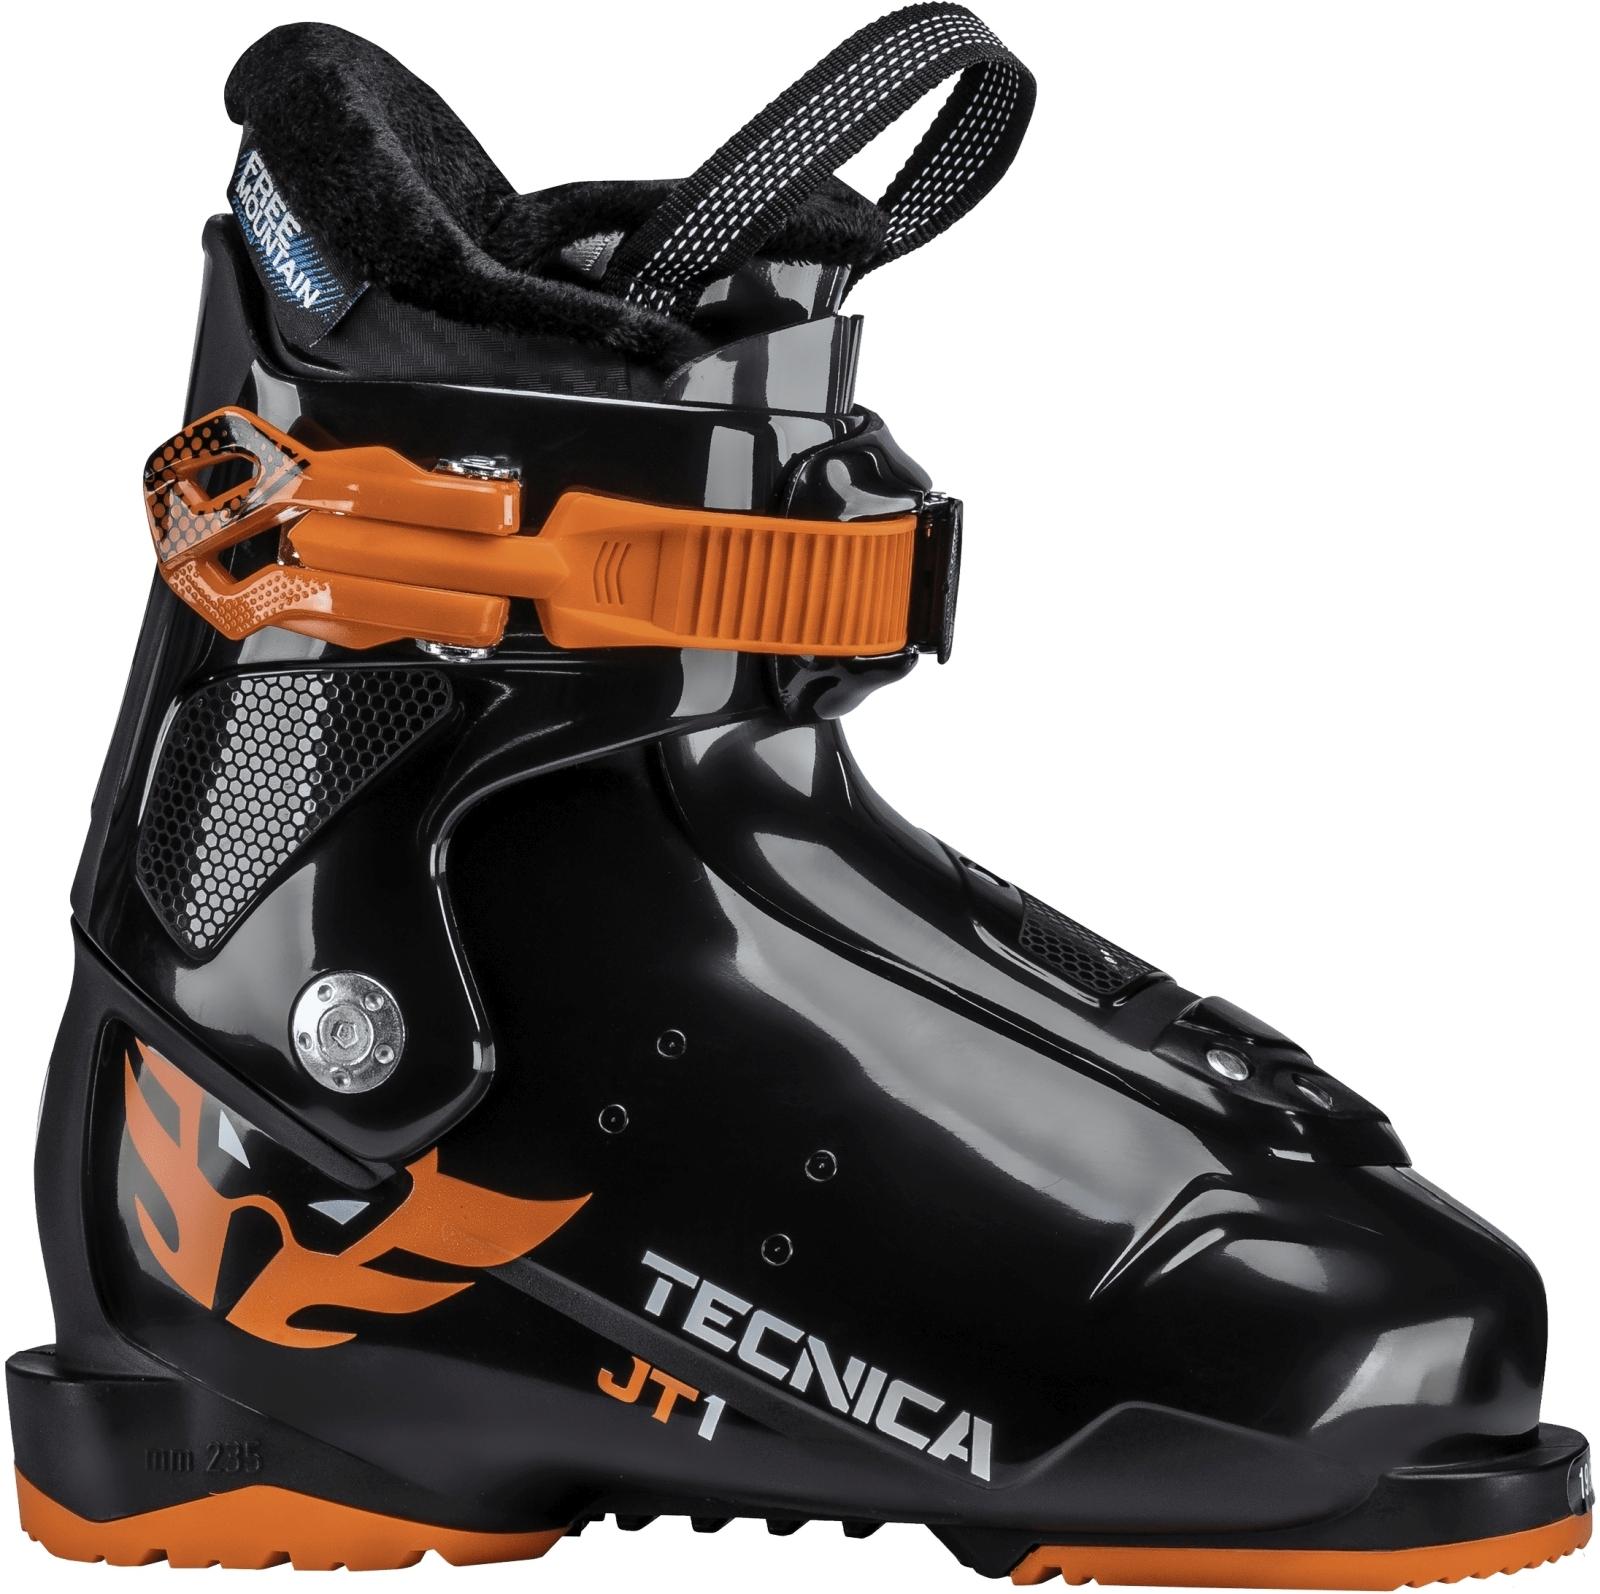 Tecnica JT 1 - black 145